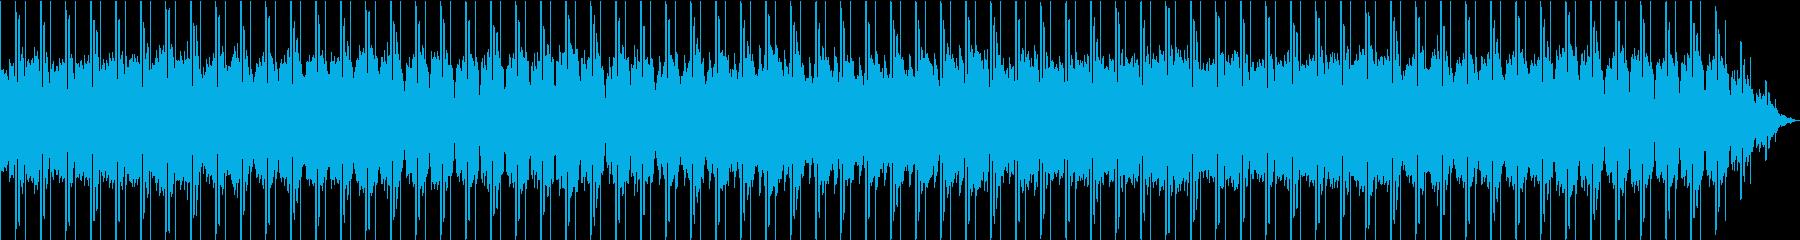 和風・チル・lofi・リラックス・琴の再生済みの波形